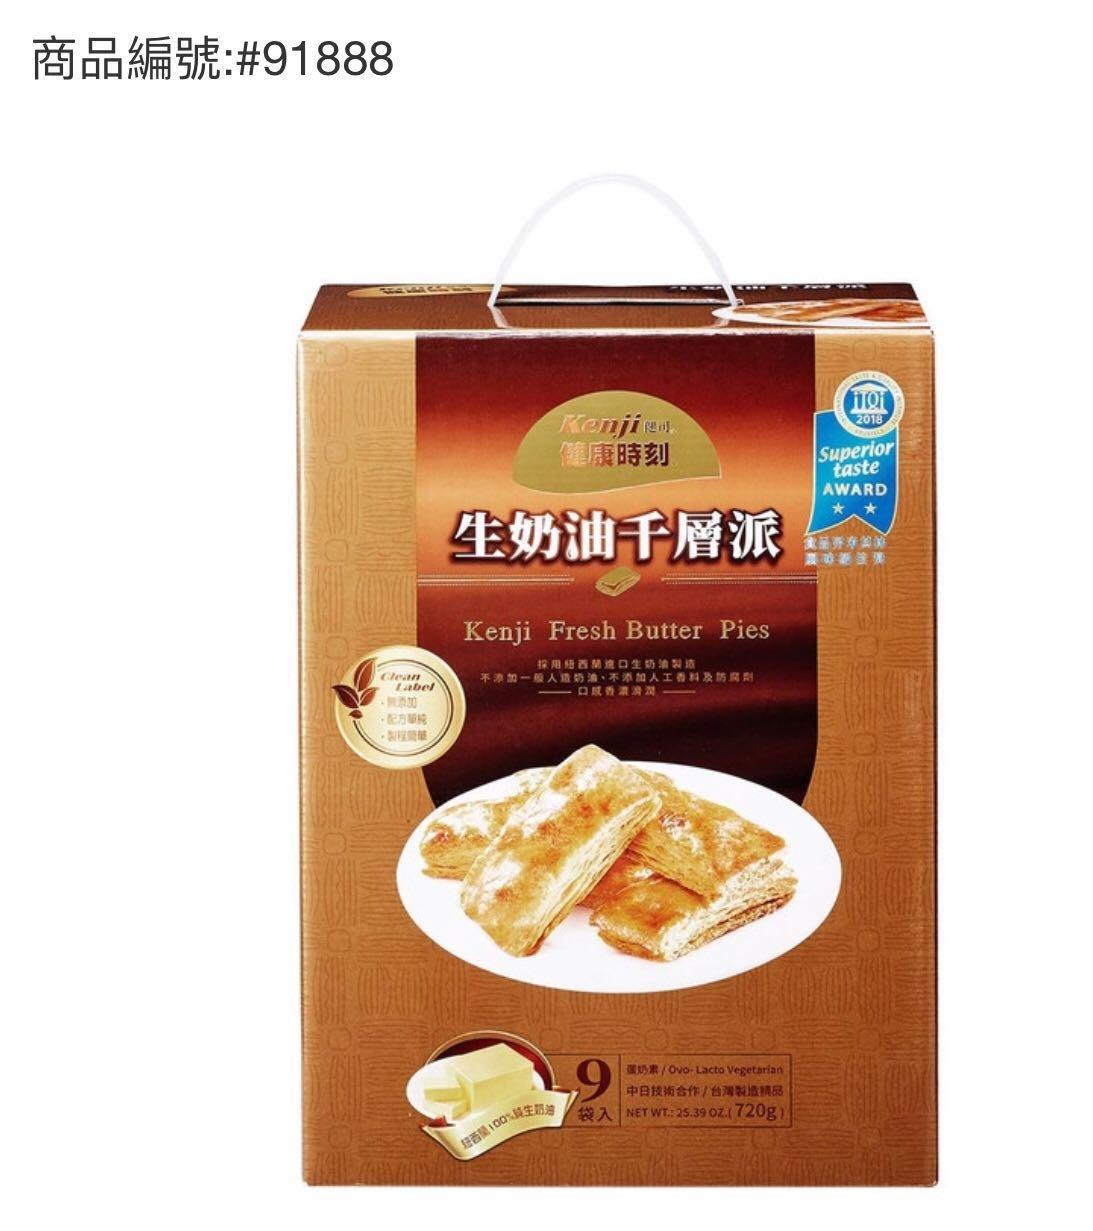 健司健康時刻生奶油千層派 80公克 X 9盒【COSTCO好市多網路代購】